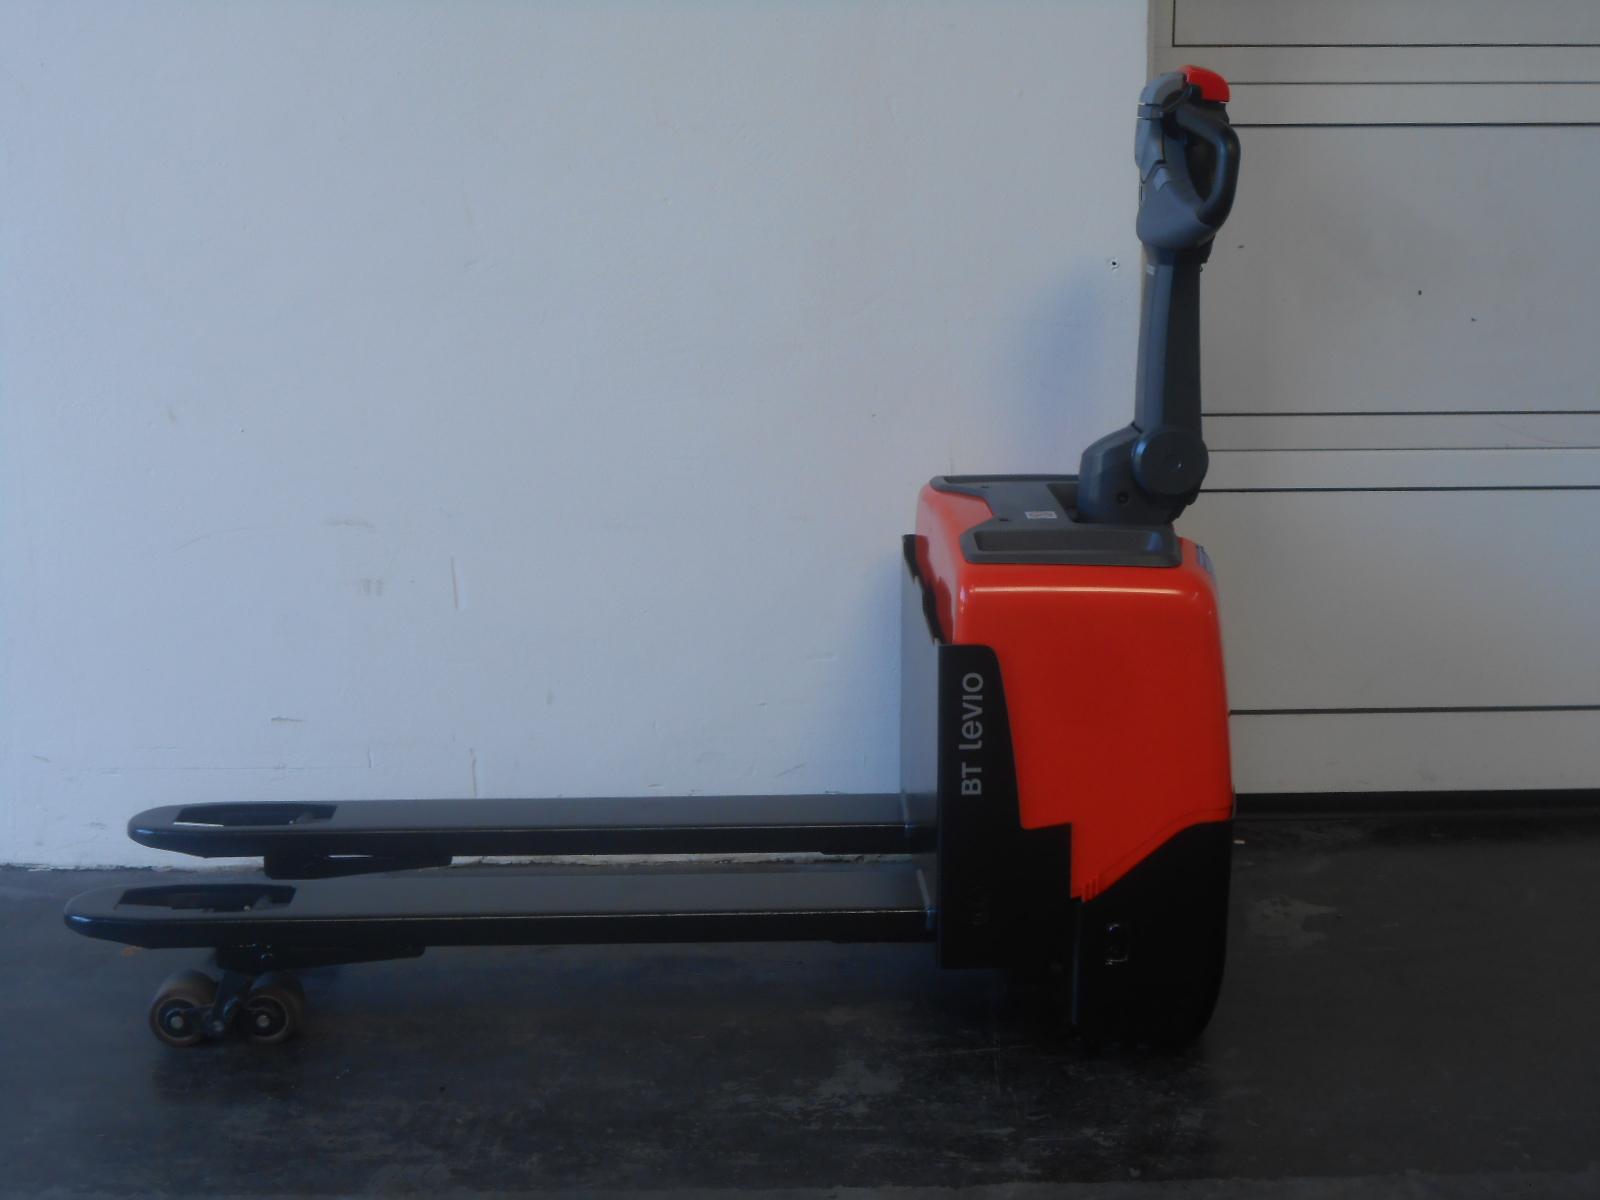 Toyota-Gabelstapler-59840 1804039903 1 71